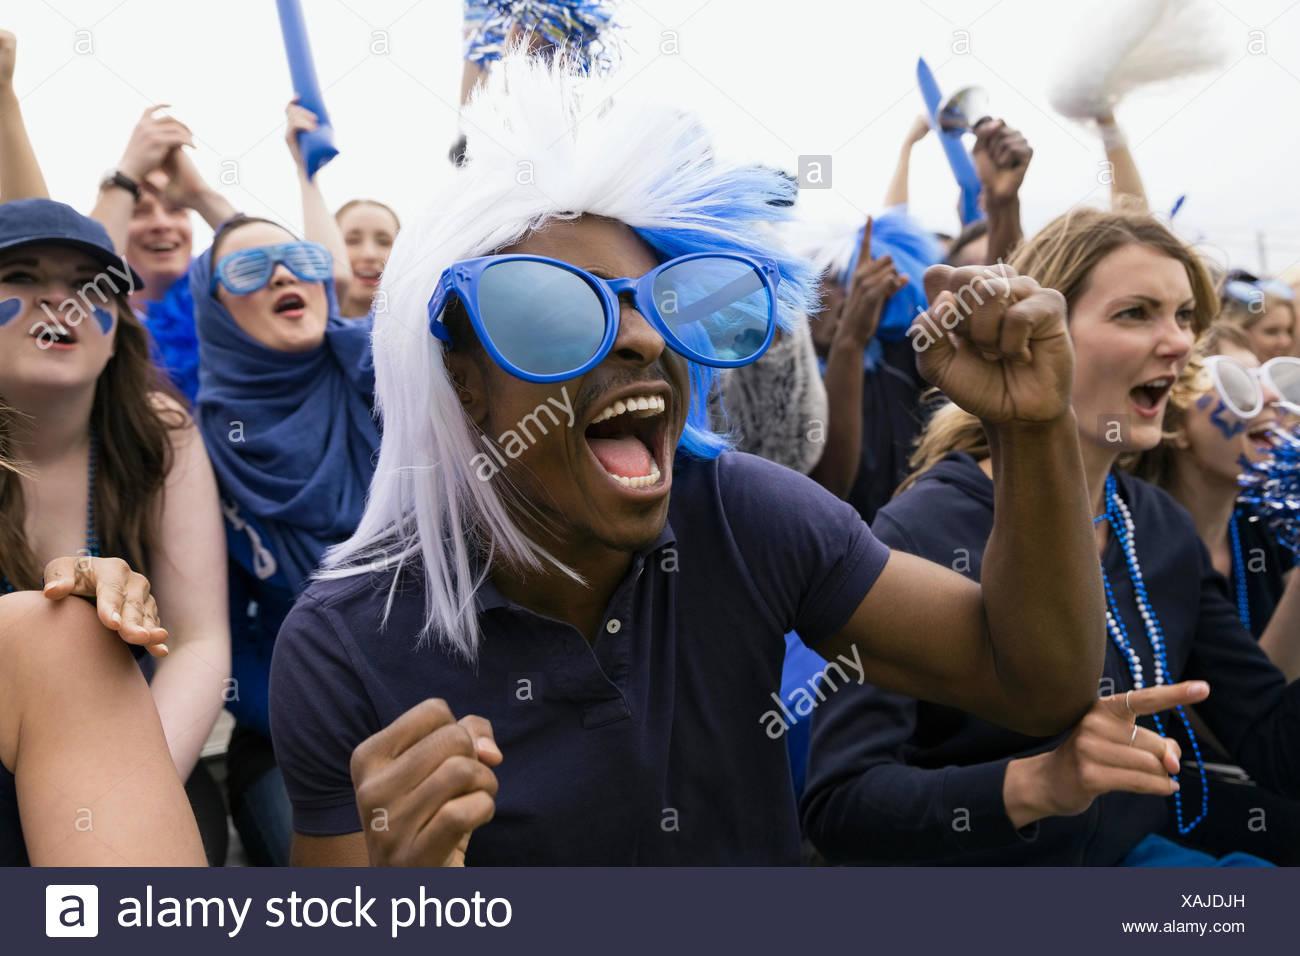 Entusiasta fan en enormes gafas azules vítores Imagen De Stock